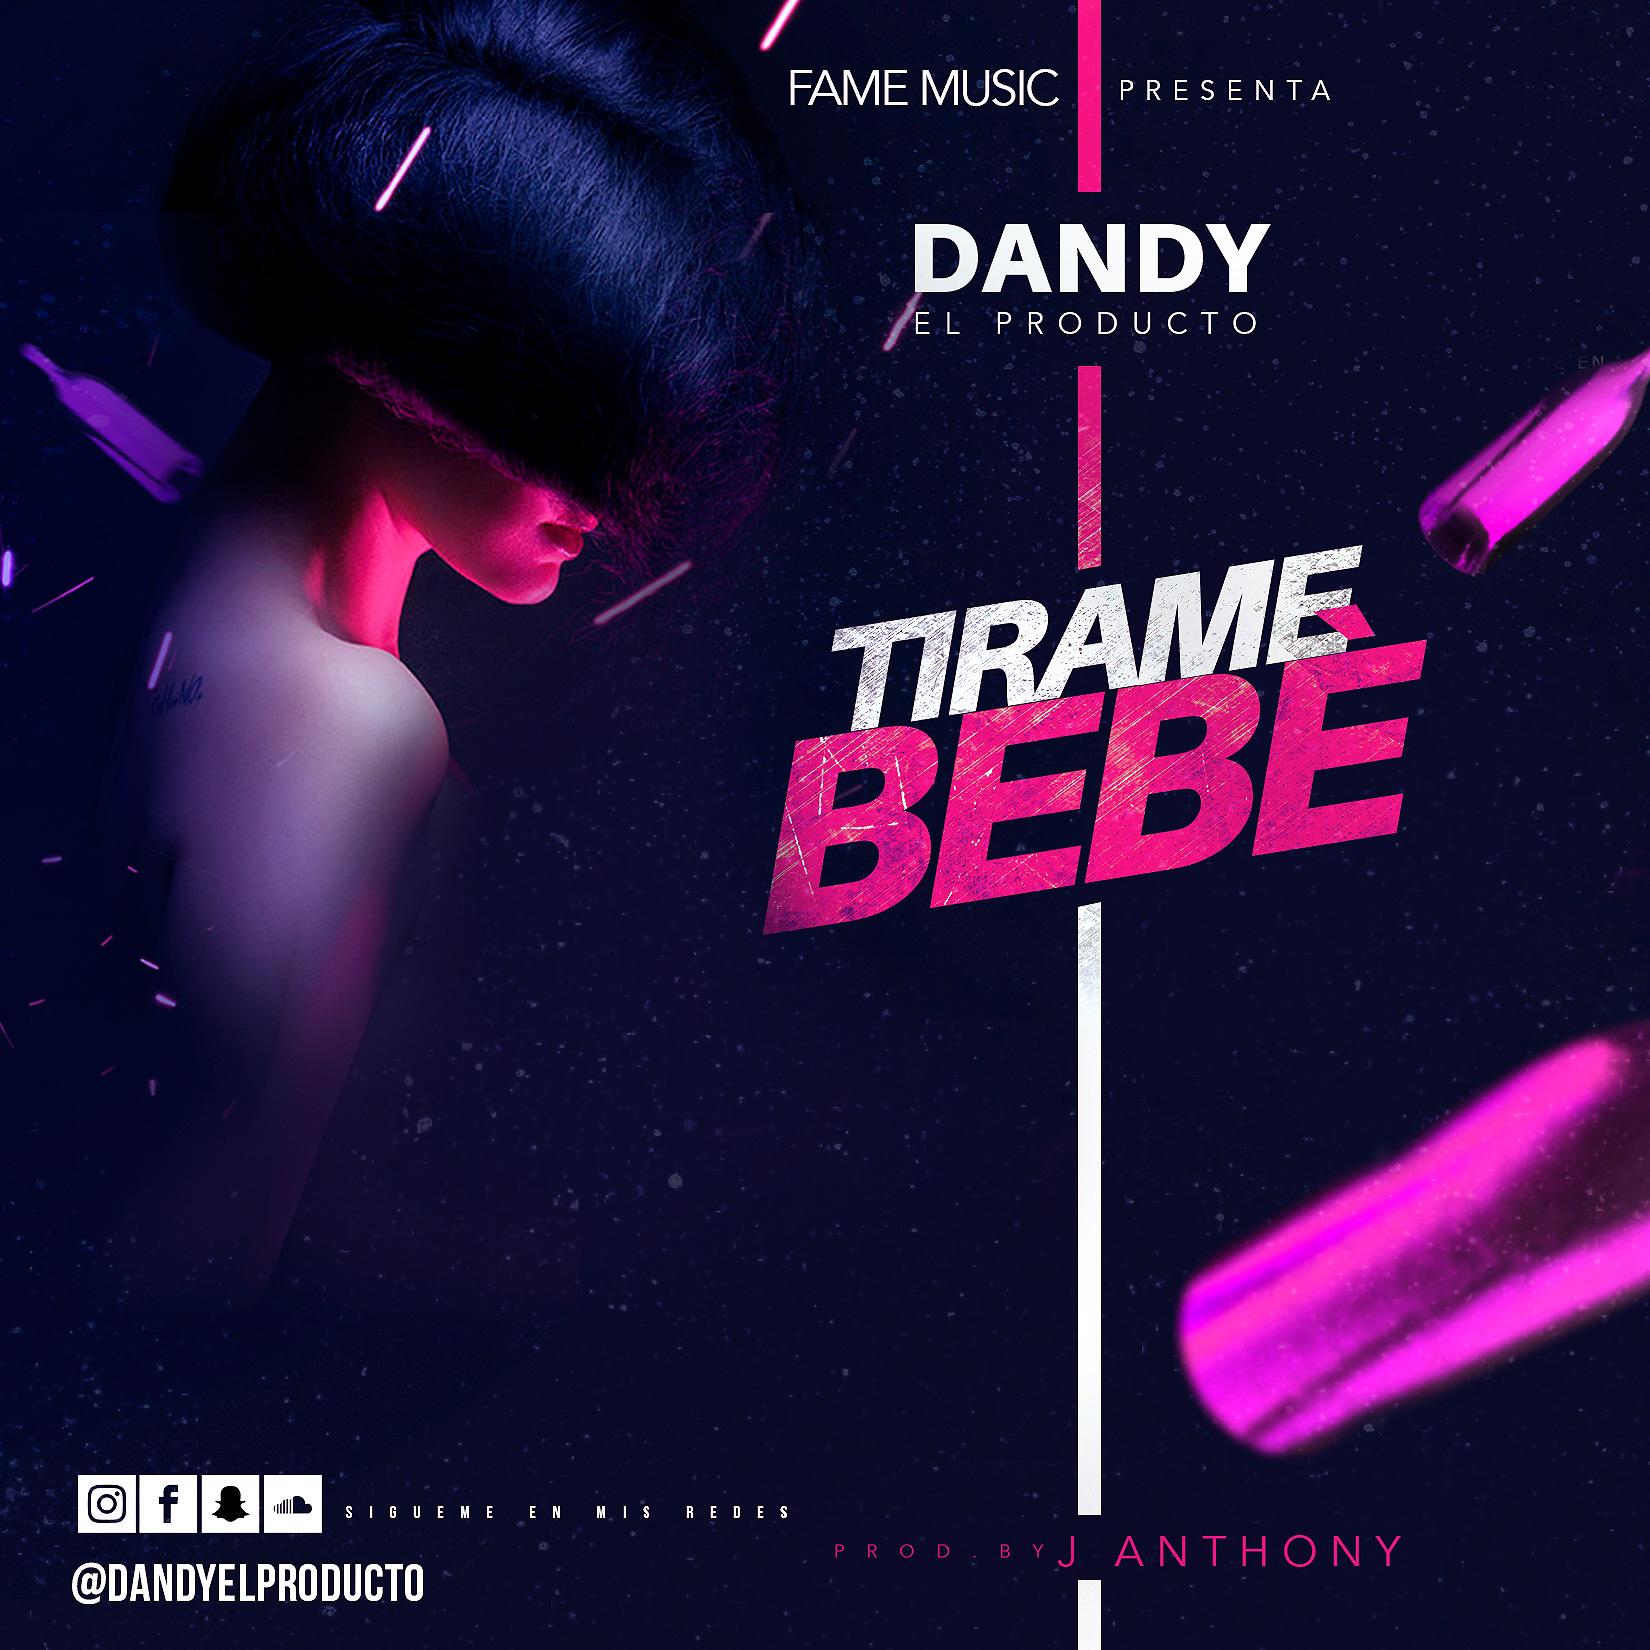 LRDU Promo @MelasaMusic MelasaMusic.Com Coming Soon 31 - Dandy El Producto - Tirame Bebe